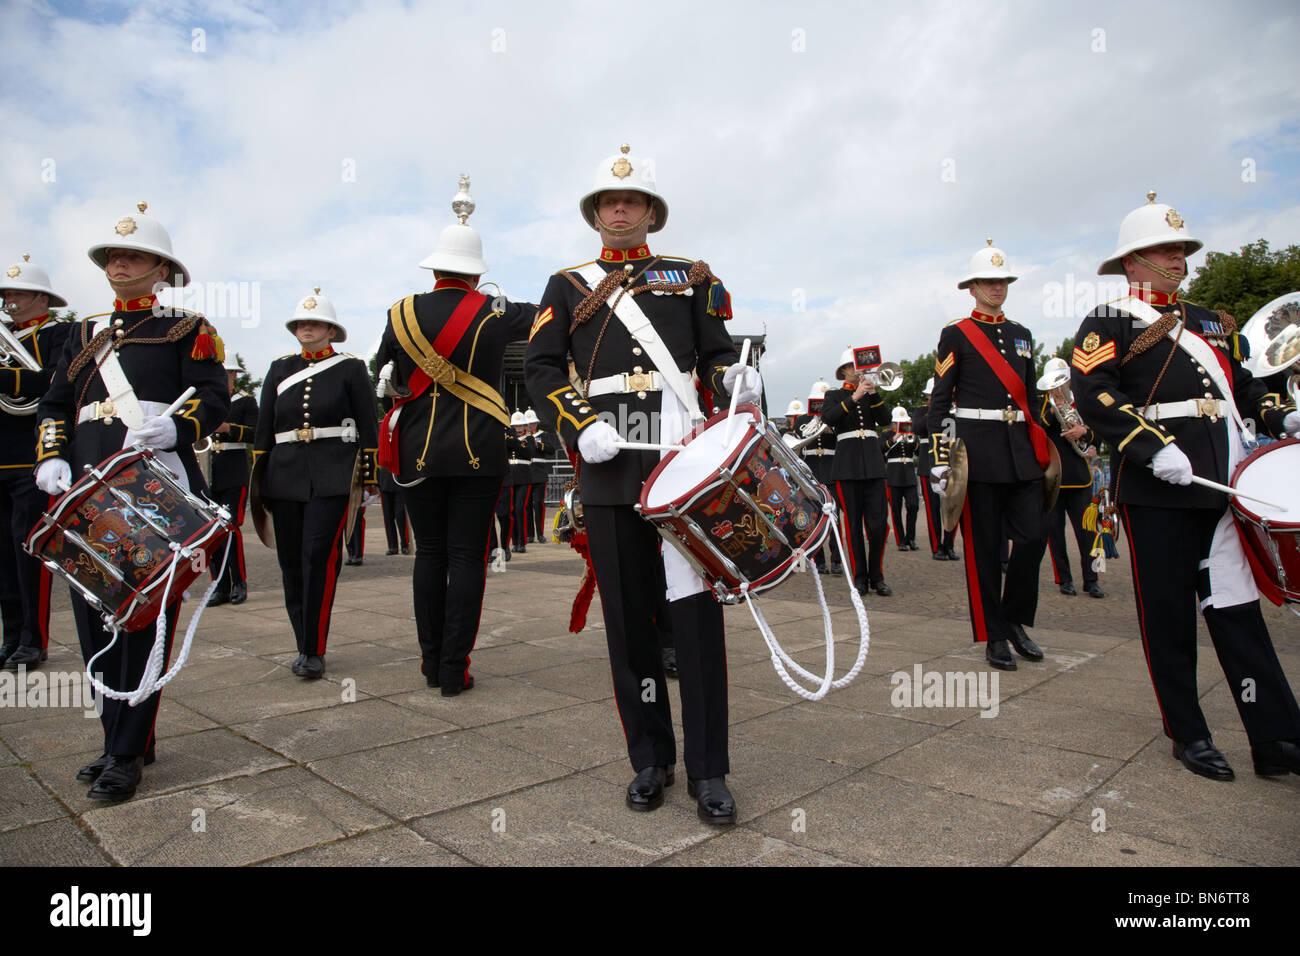 Corneta y el baterista de la banda de HM Royal Marines Escocia en el día de las Fuerzas Armadas de 2010 en Bangor, Foto de stock